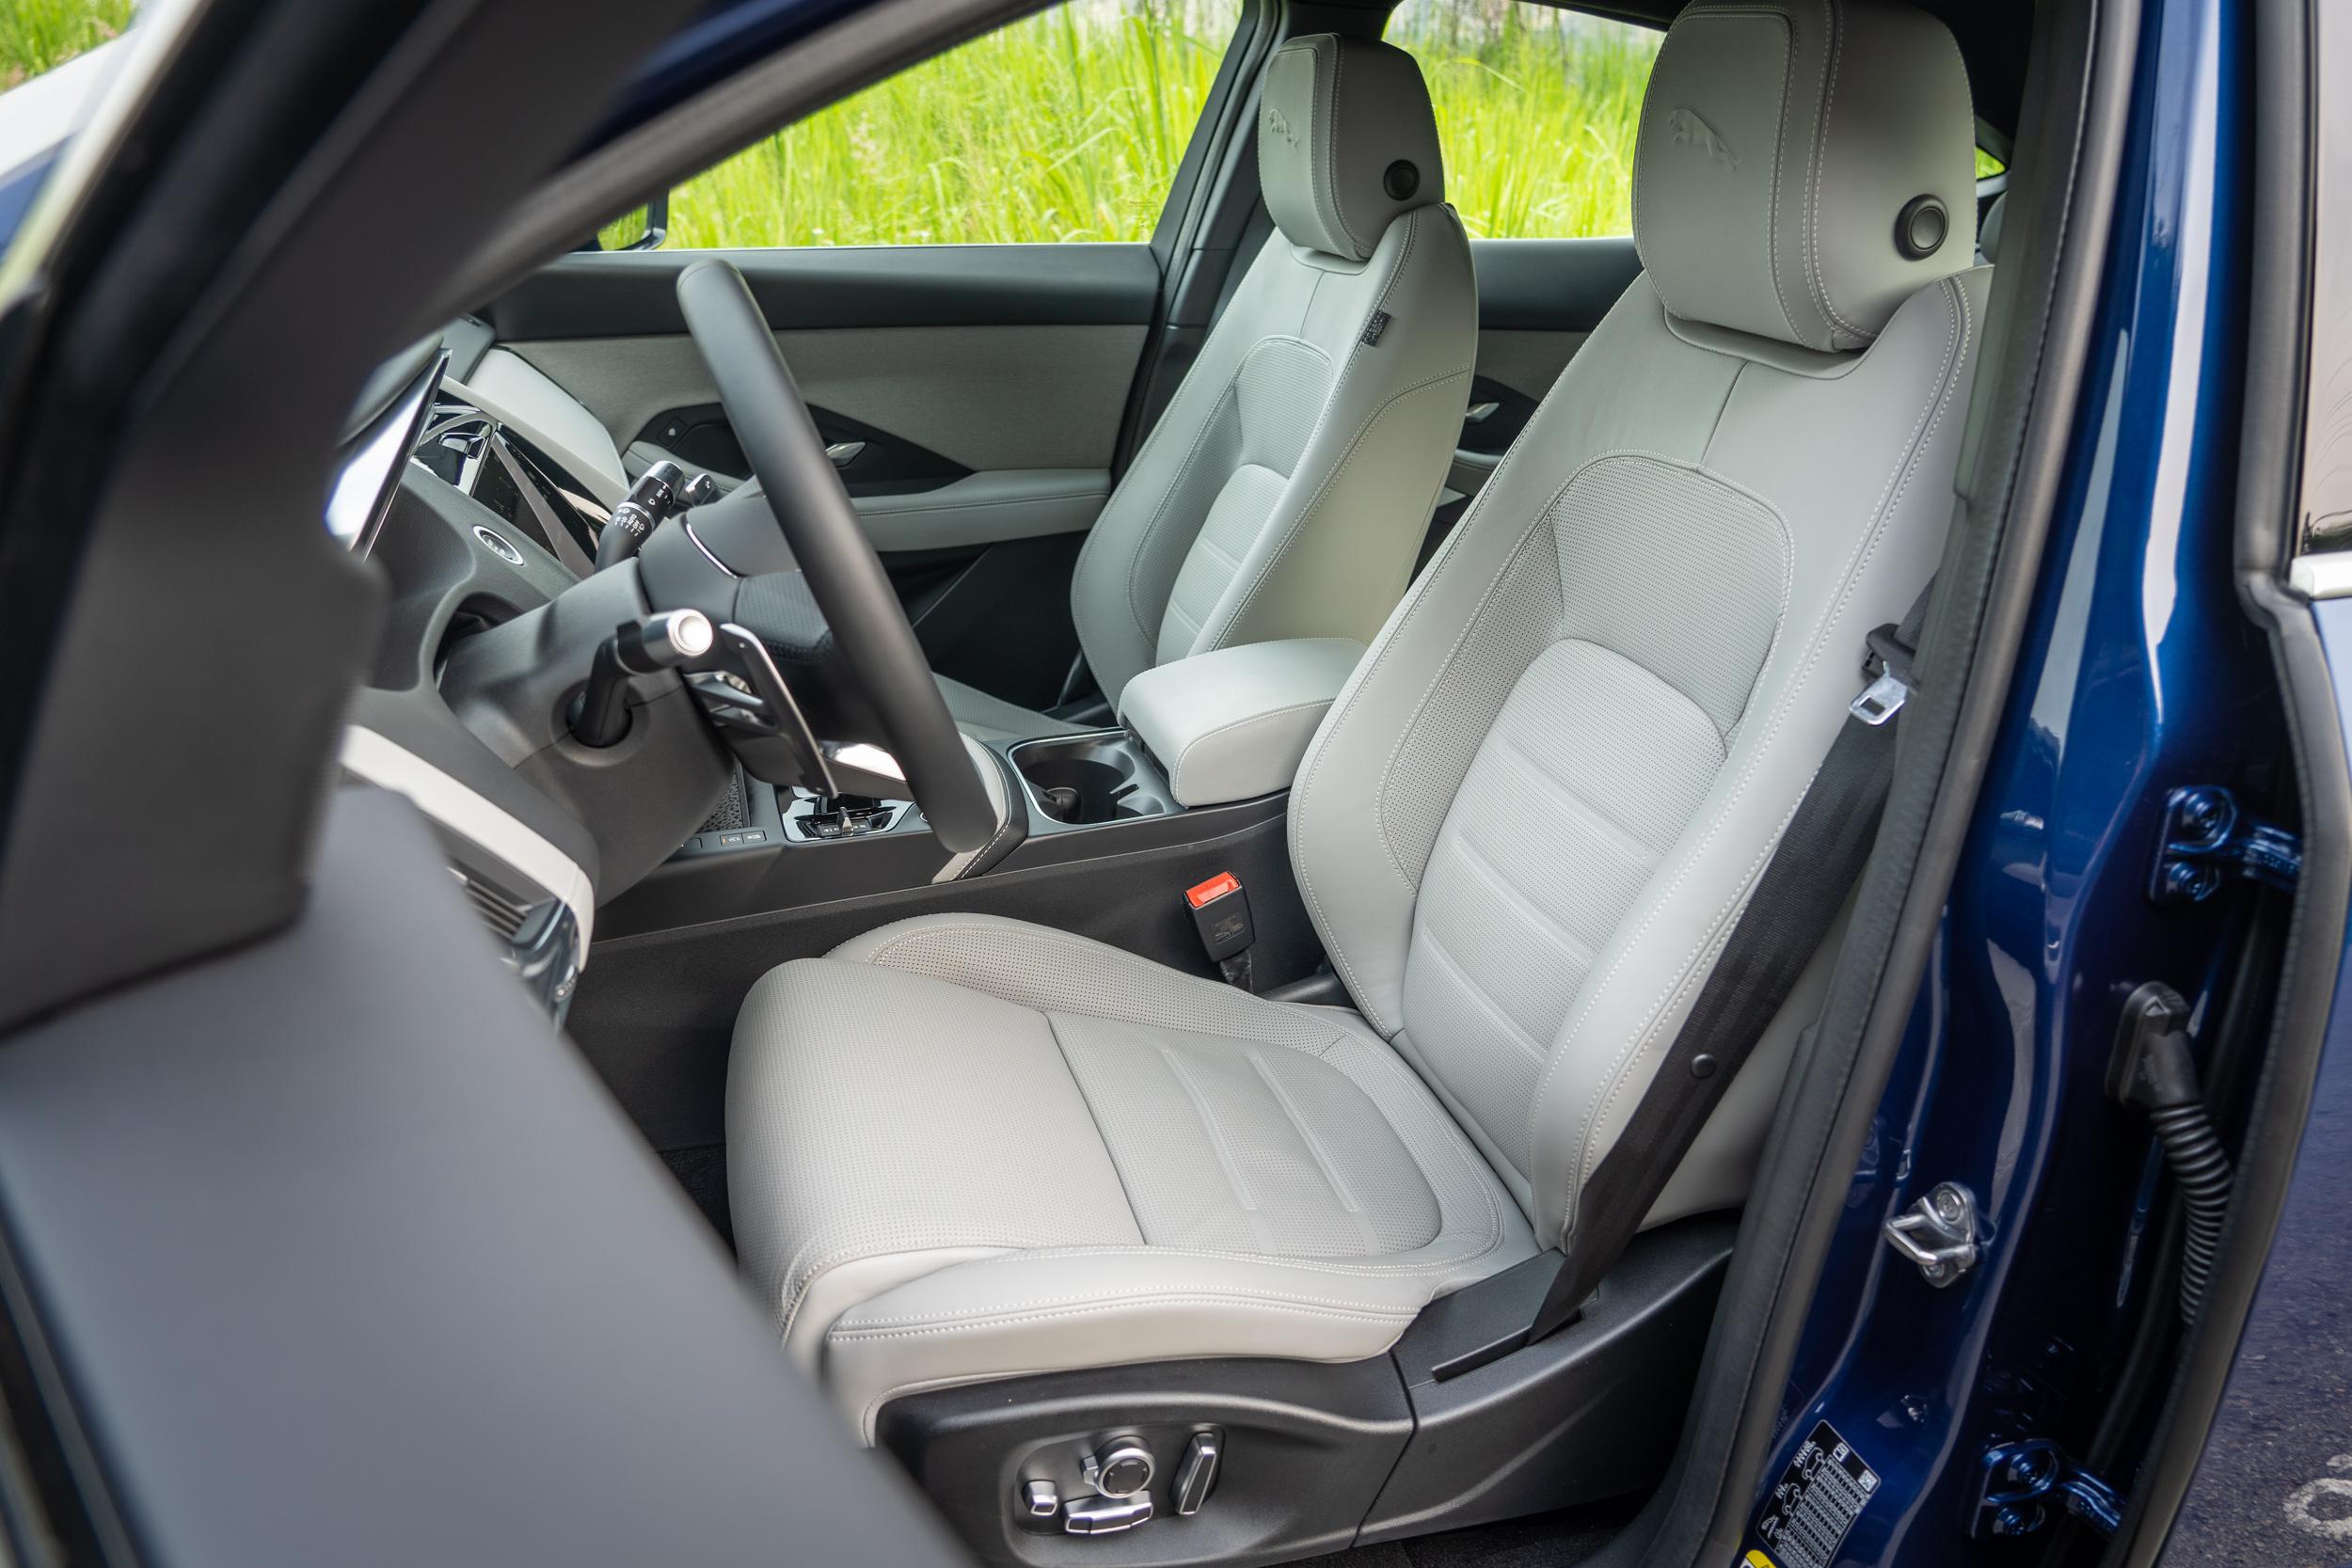 試駕車型選配前座16向電動調整功能。